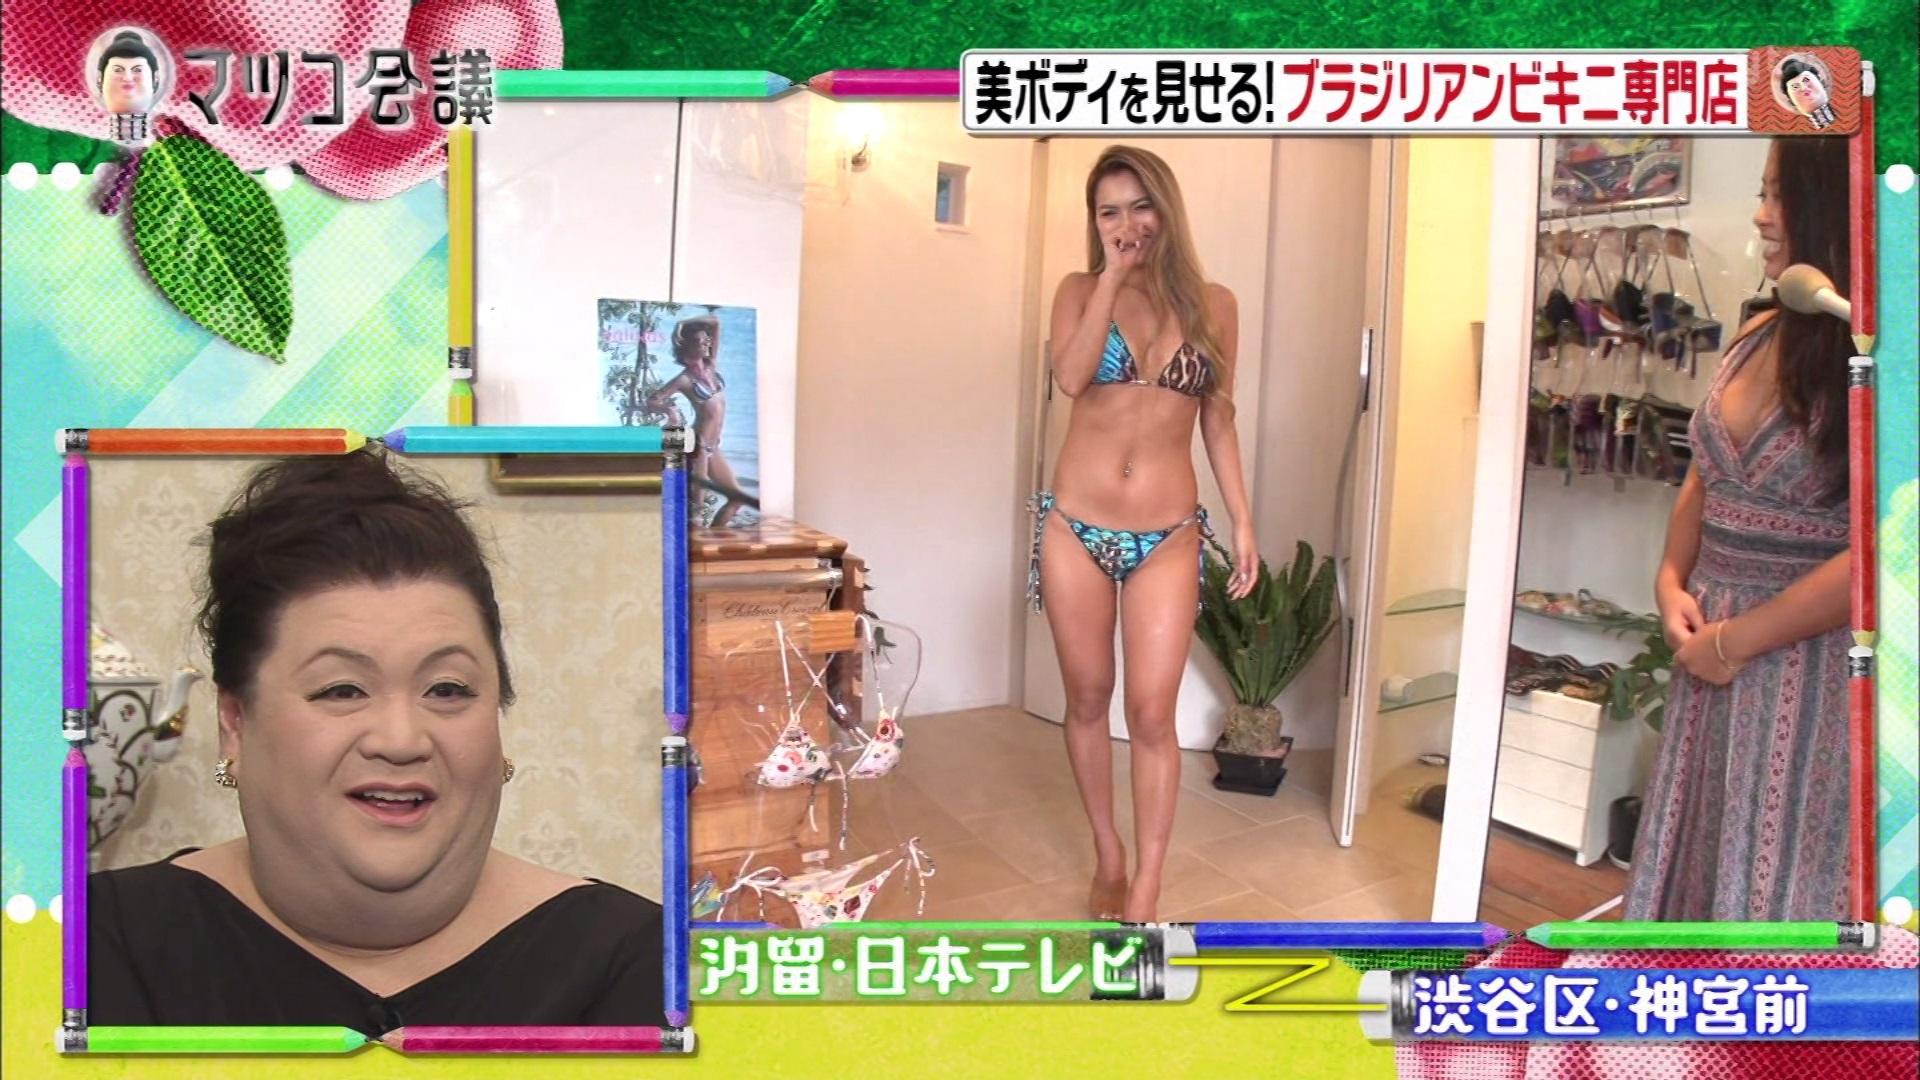 ブラジリアンビキニ_お尻_テレビキャプ画像_06